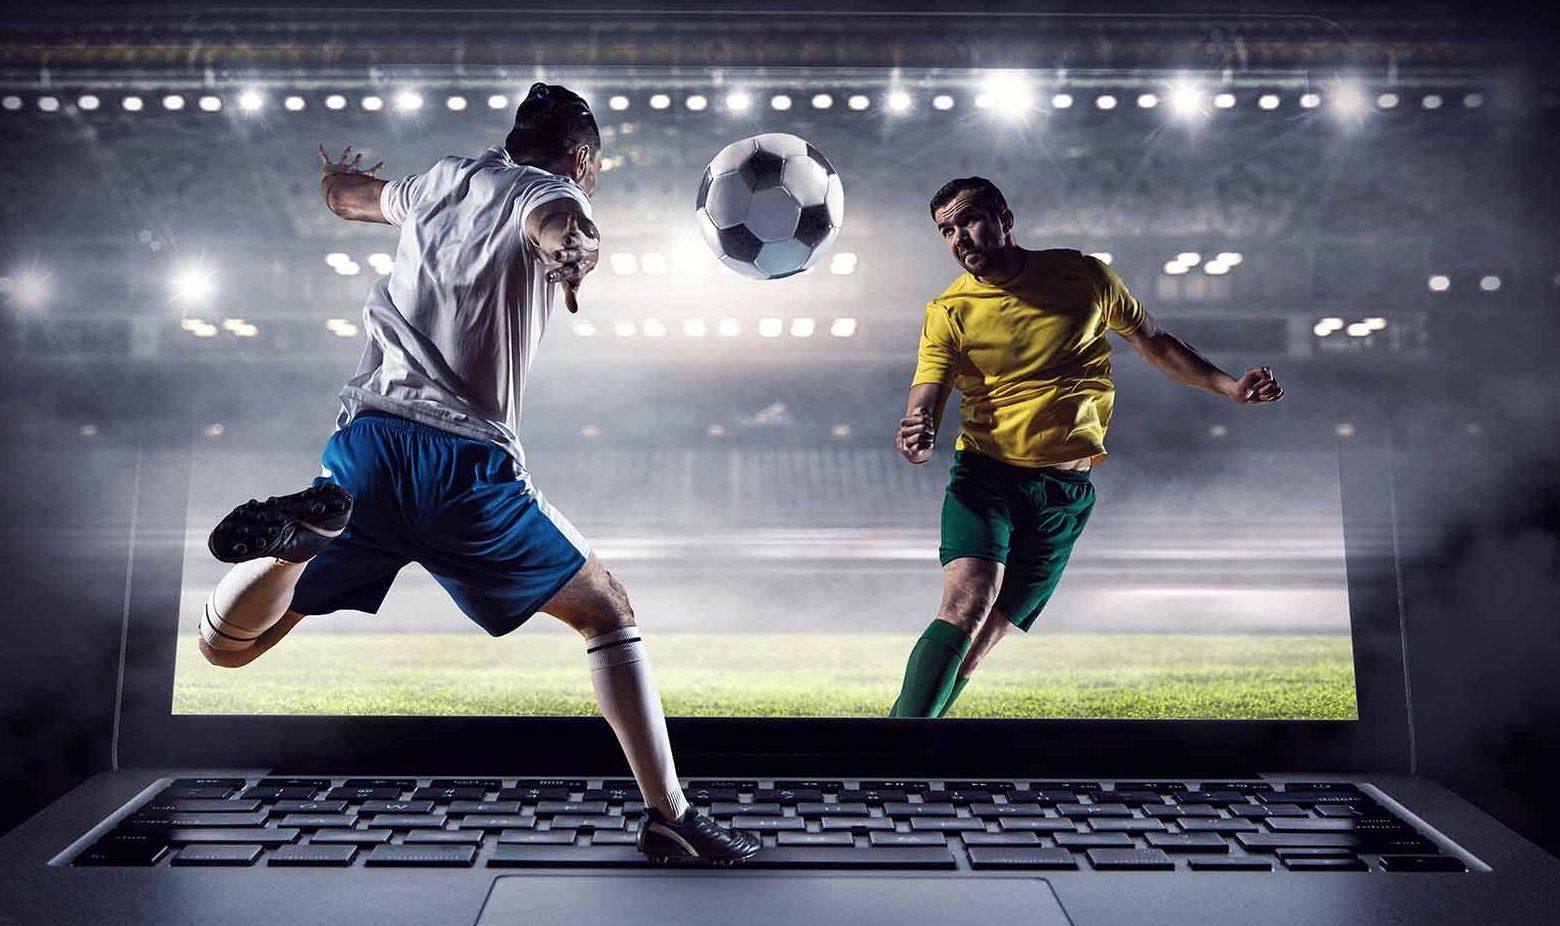 Ставки на спорт по самым высоким коэффициентам